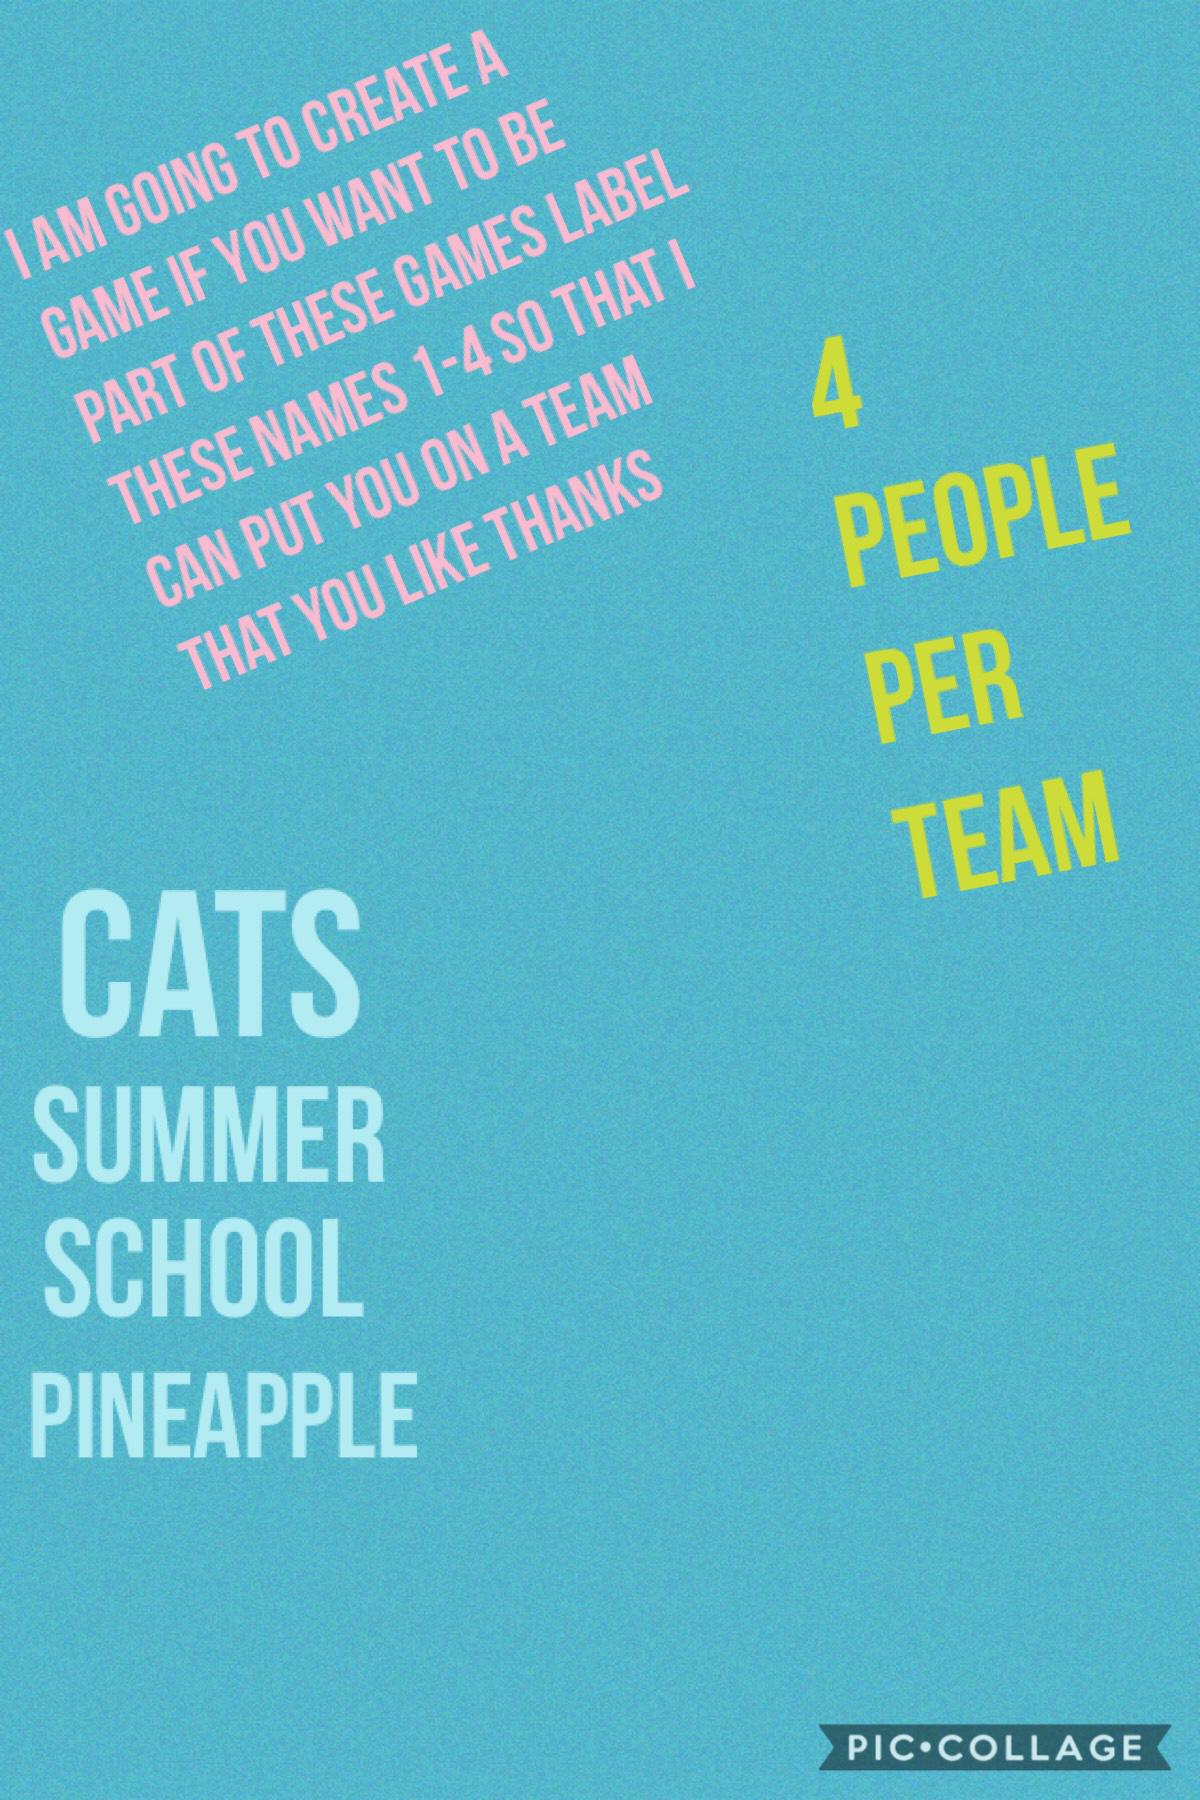 Remember 4 per team